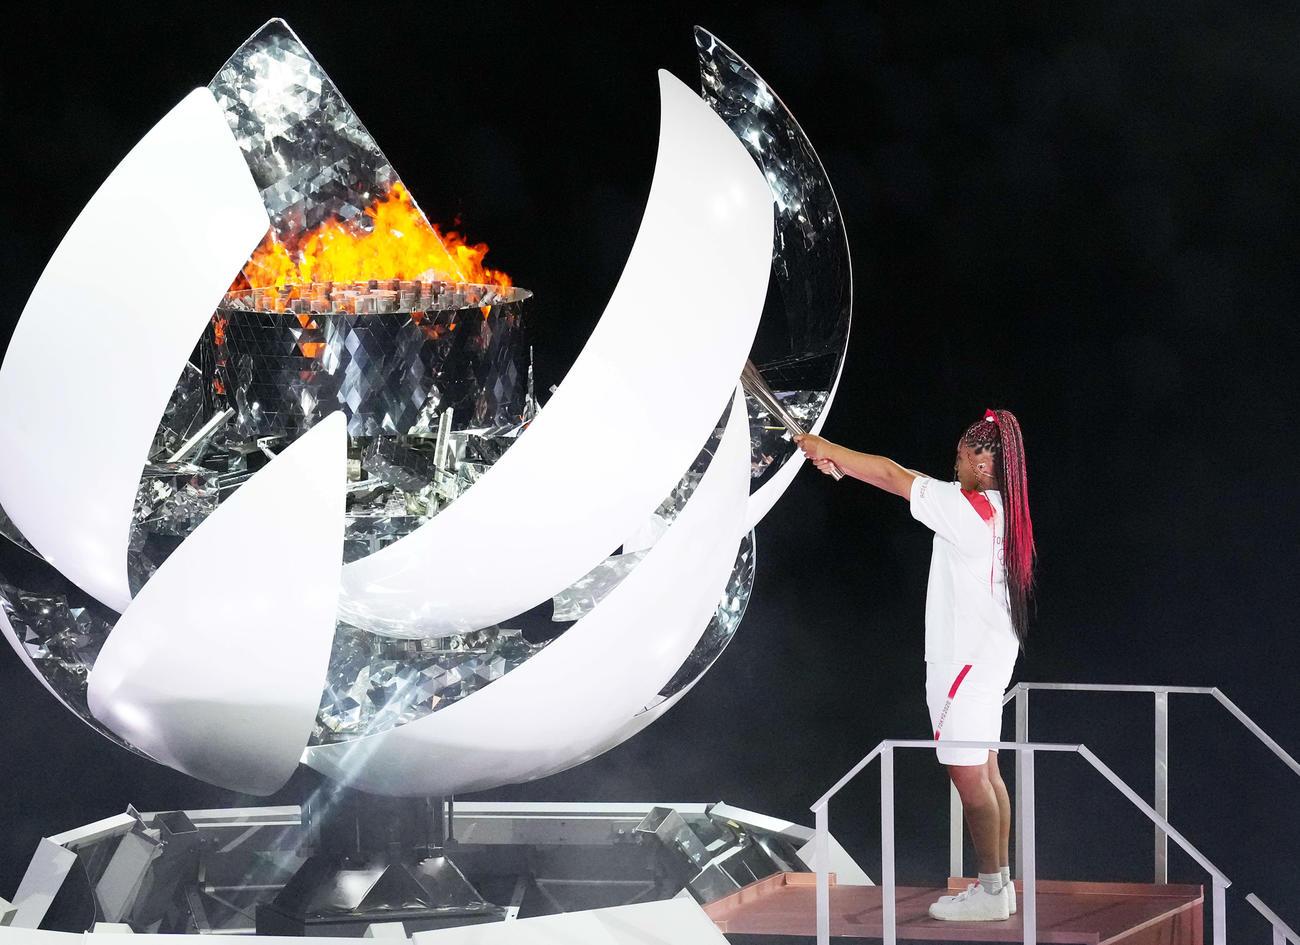 23日開会式で、最終聖火ランナーの大坂なおみは聖火台にトーチをかざす